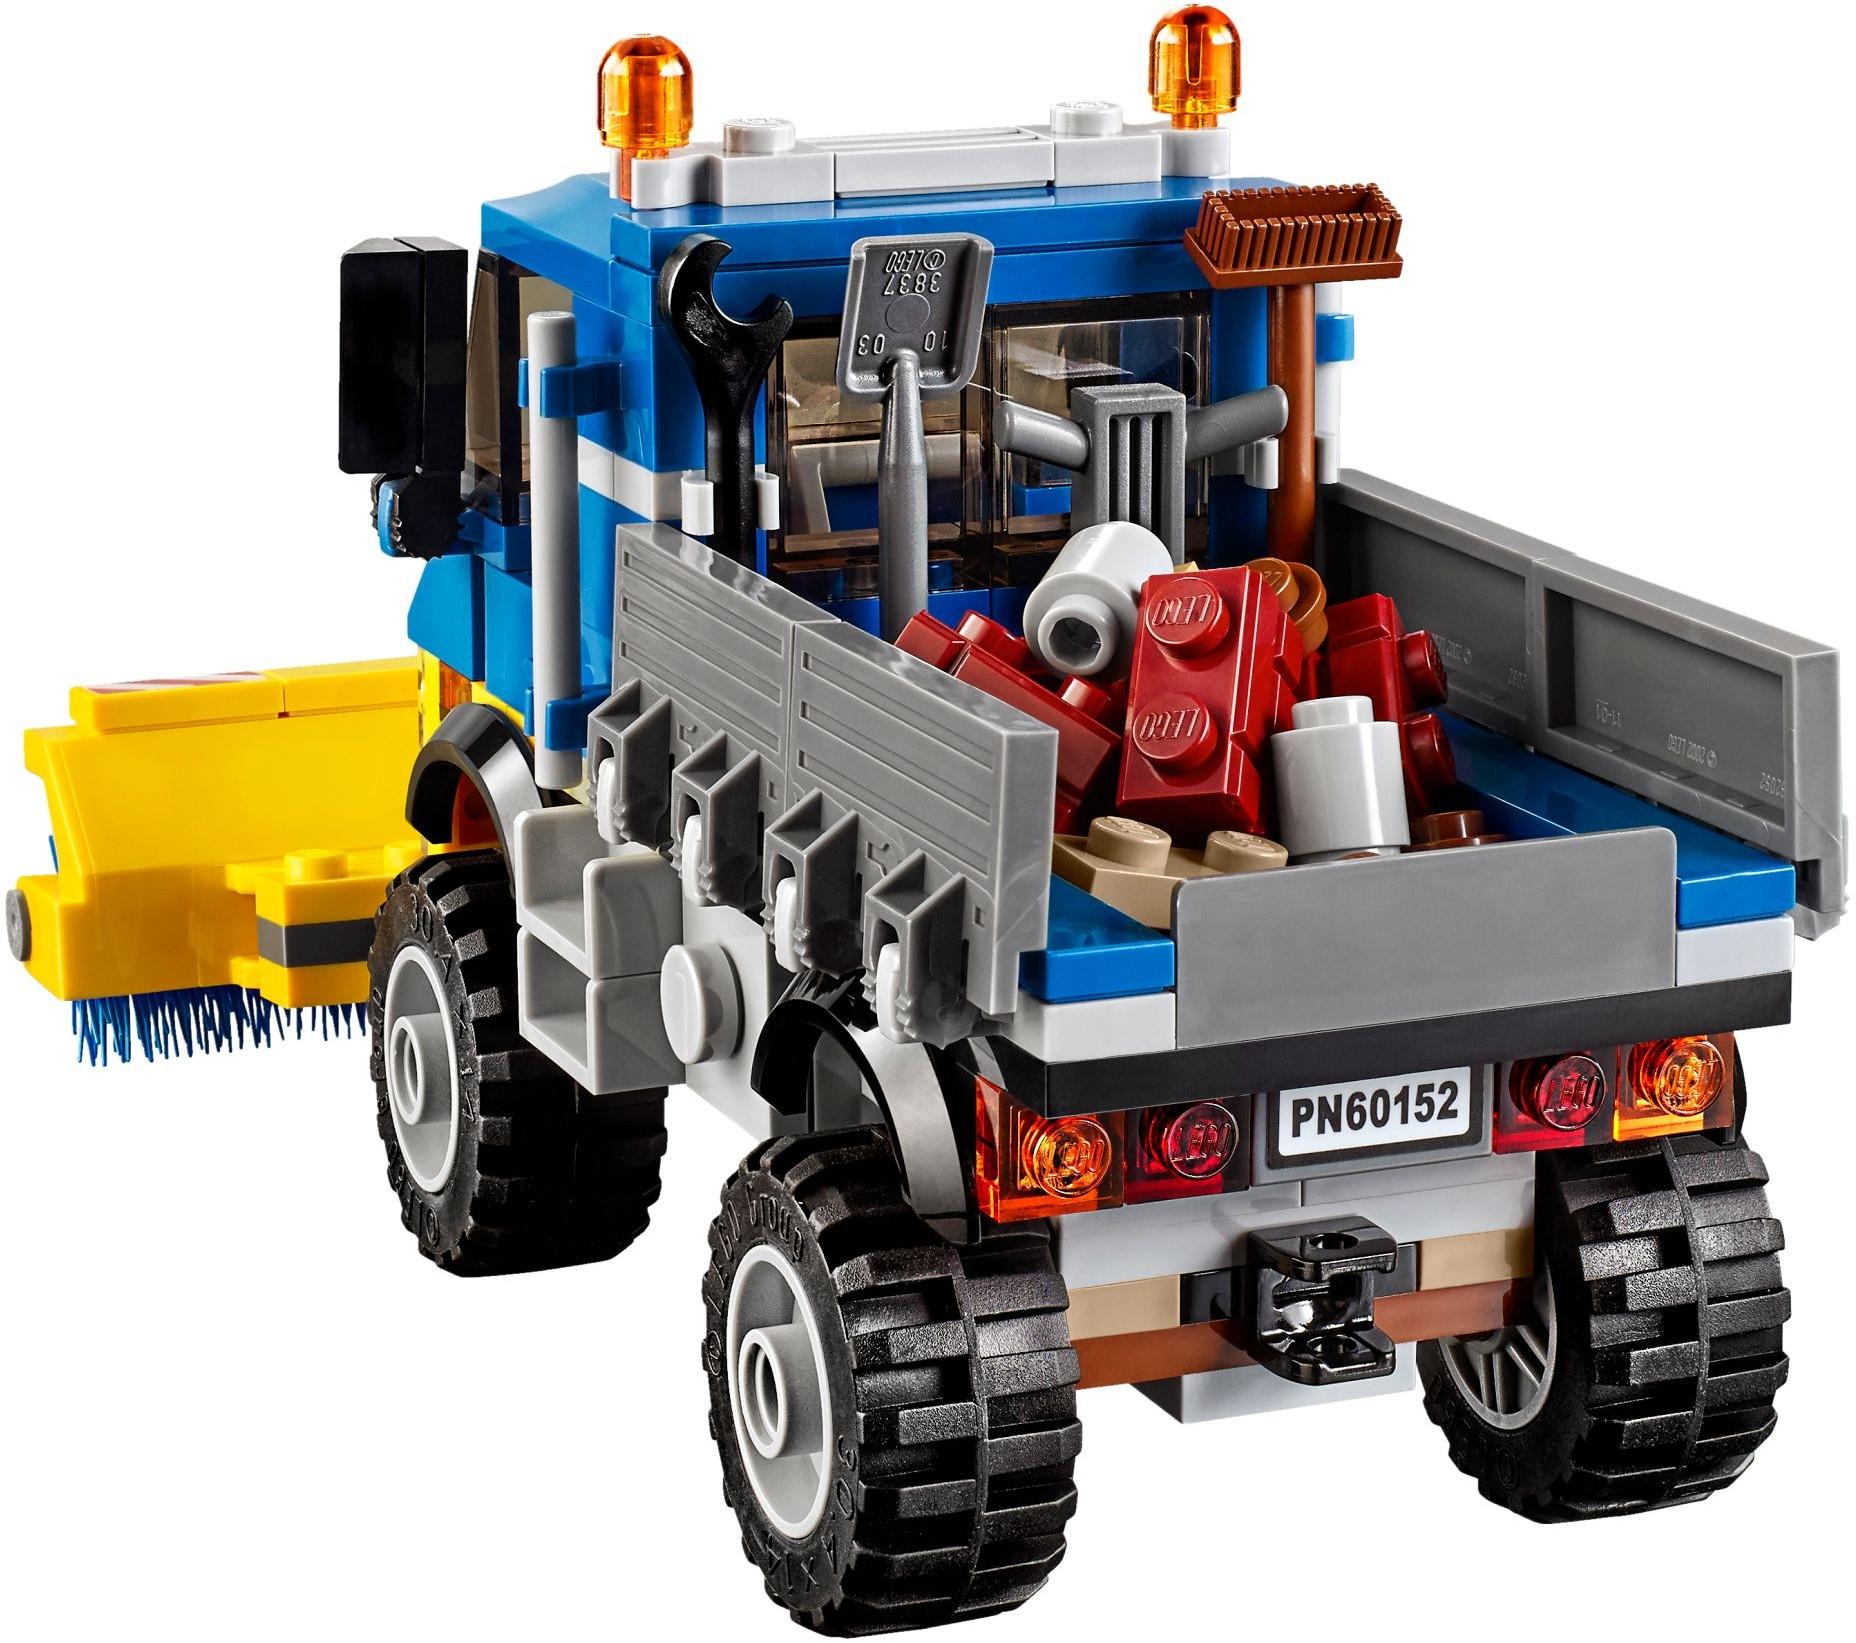 Mua đồ chơi LEGO 60152 - LEGO City 60152 - Xe Tải Quét Đường & Xe Xúc Đất (LEGO City Sweeper & Excavator 60152)